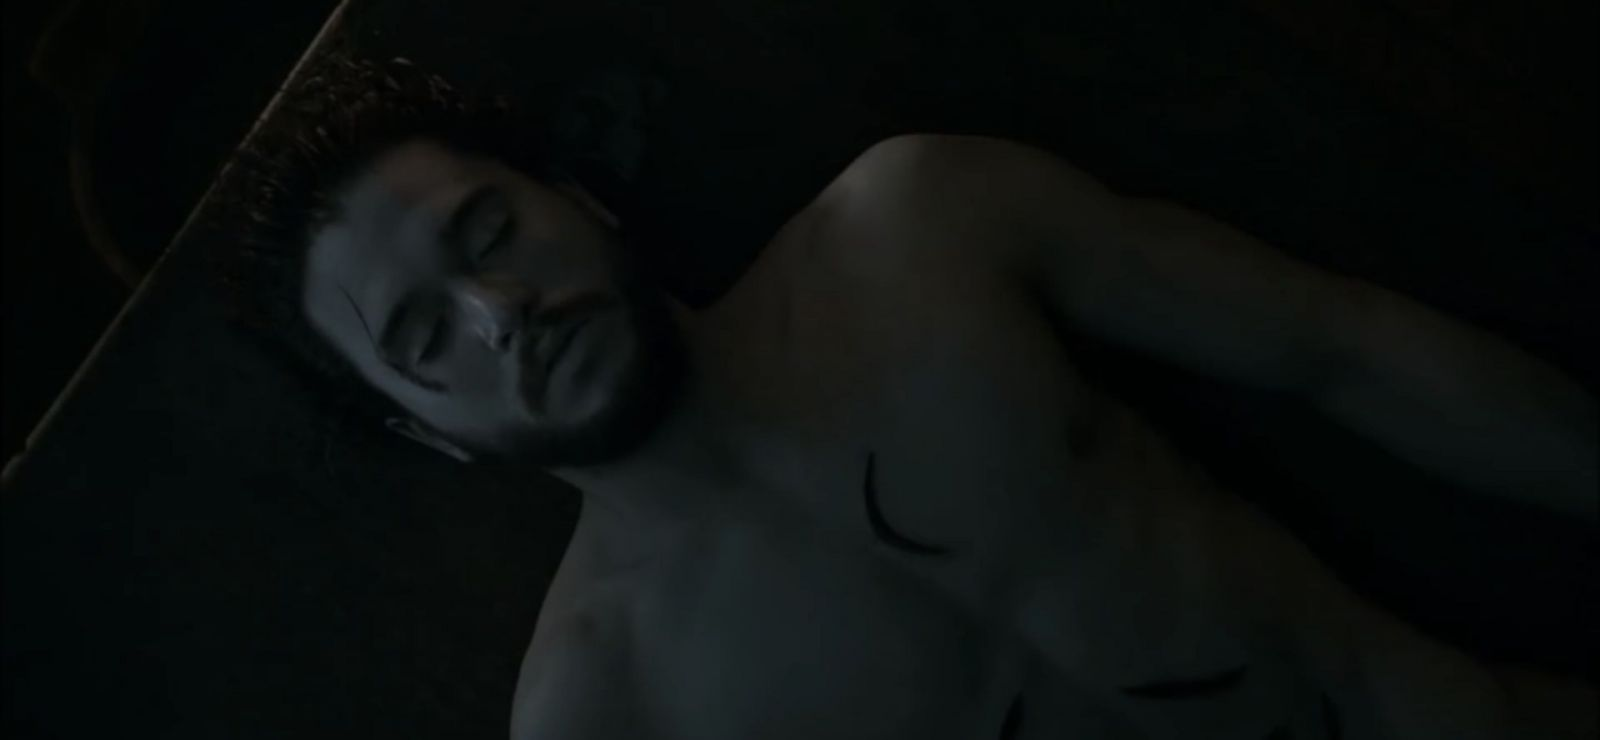 Draci, homosexuální orgie, násilí a revoluce v televizní zábavě. Jak Game of Thrones navždy změnila seriálový svět?